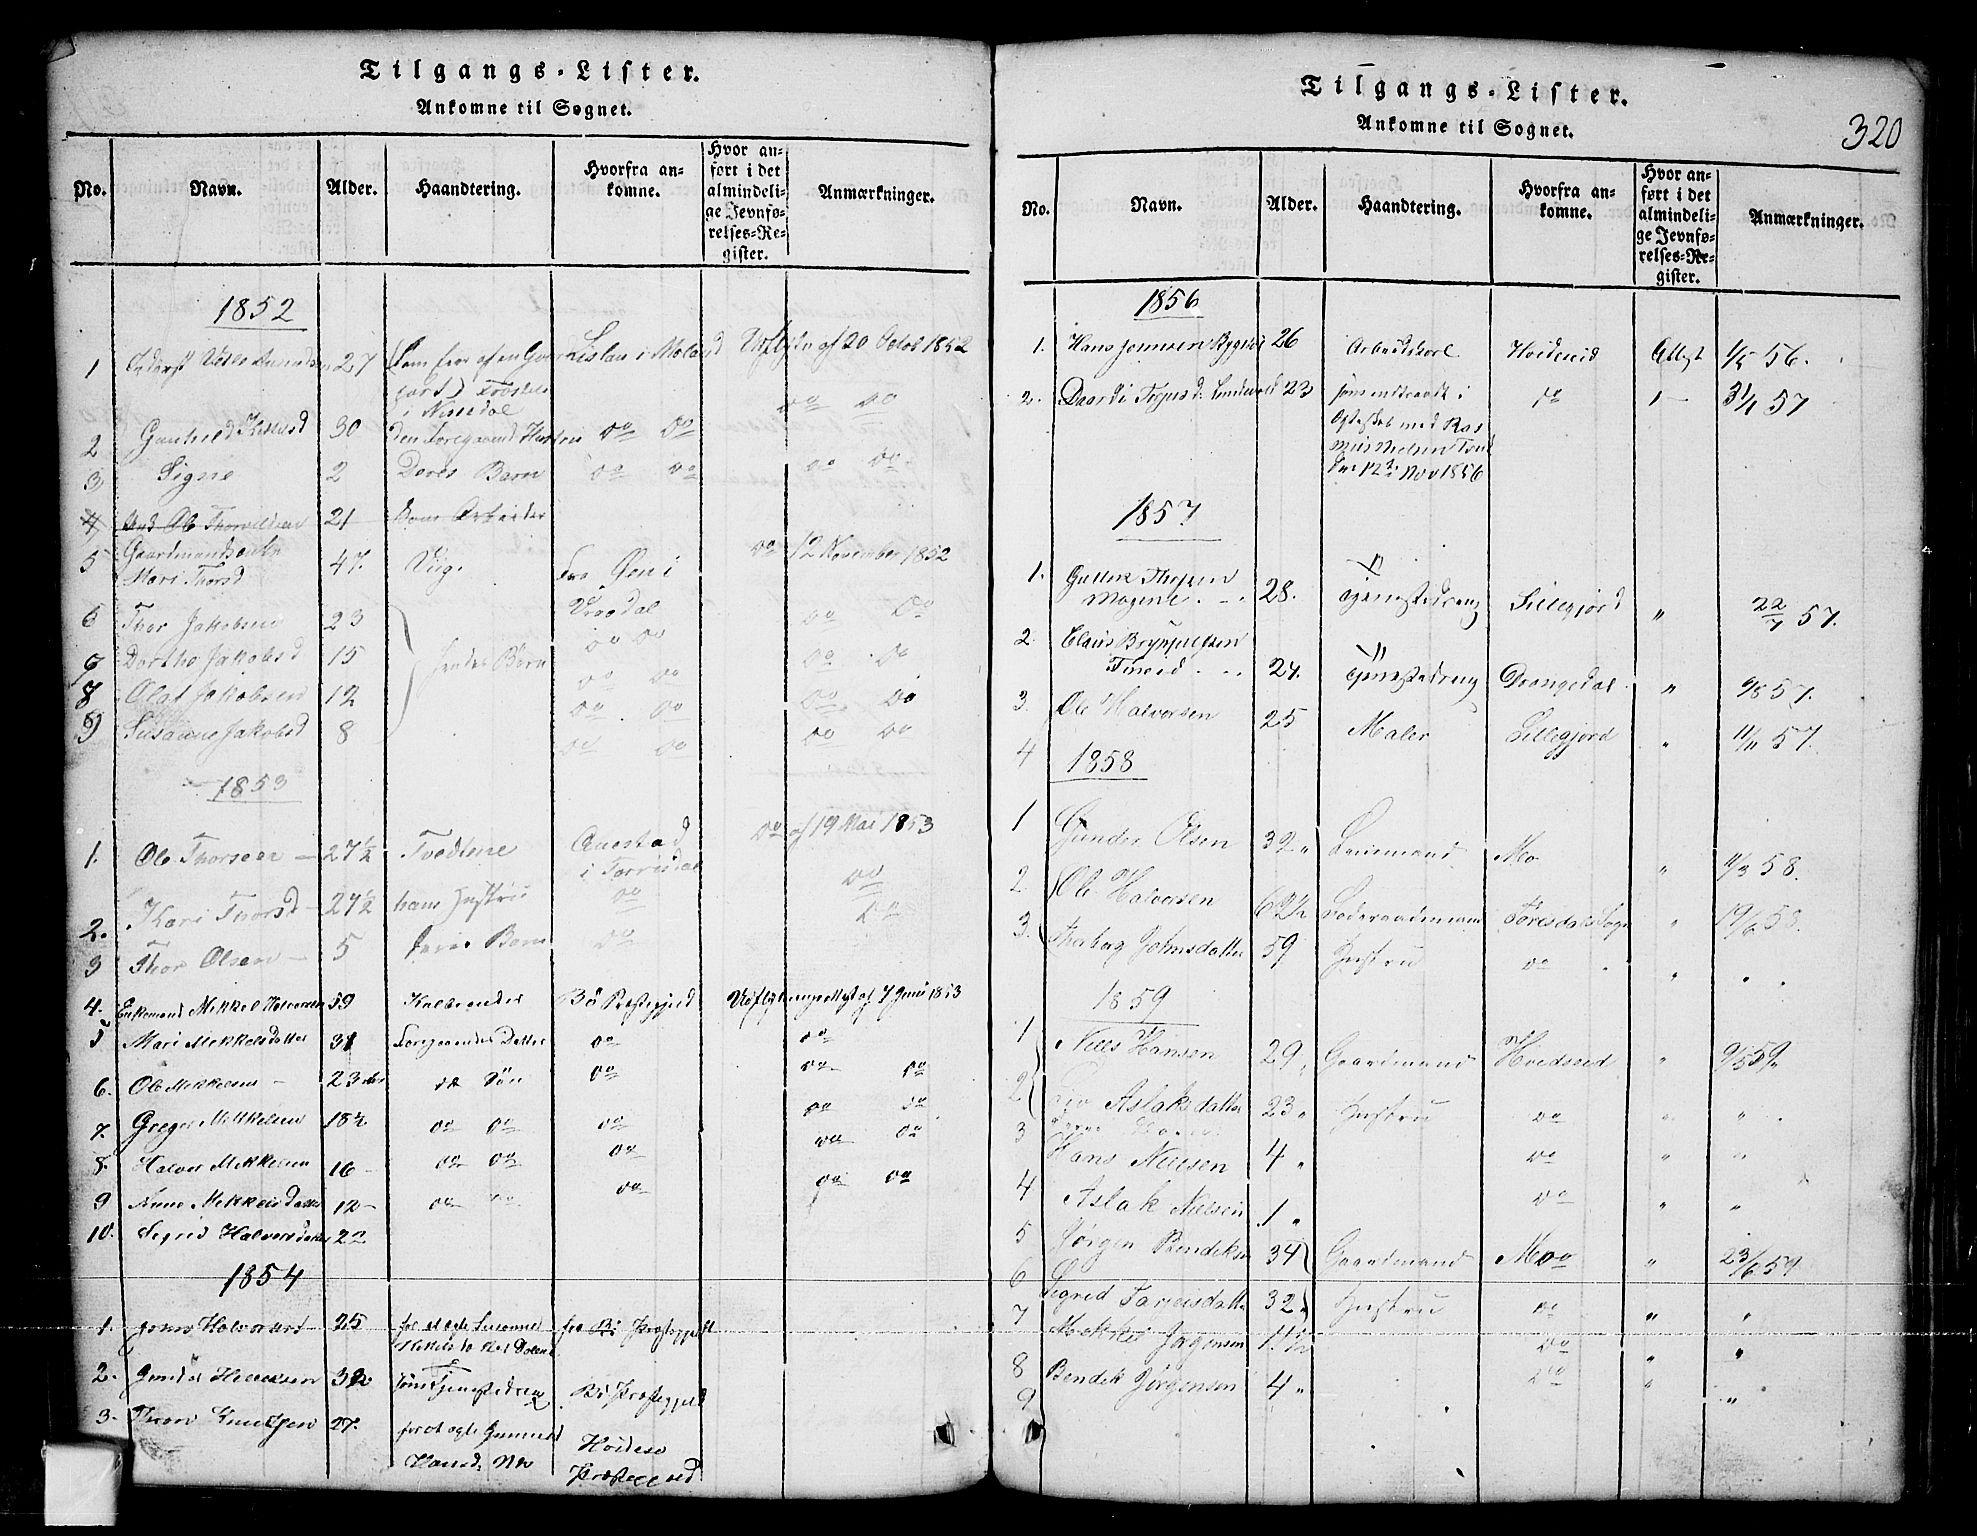 SAKO, Nissedal kirkebøker, G/Ga/L0001: Klokkerbok nr. I 1, 1814-1860, s. 320